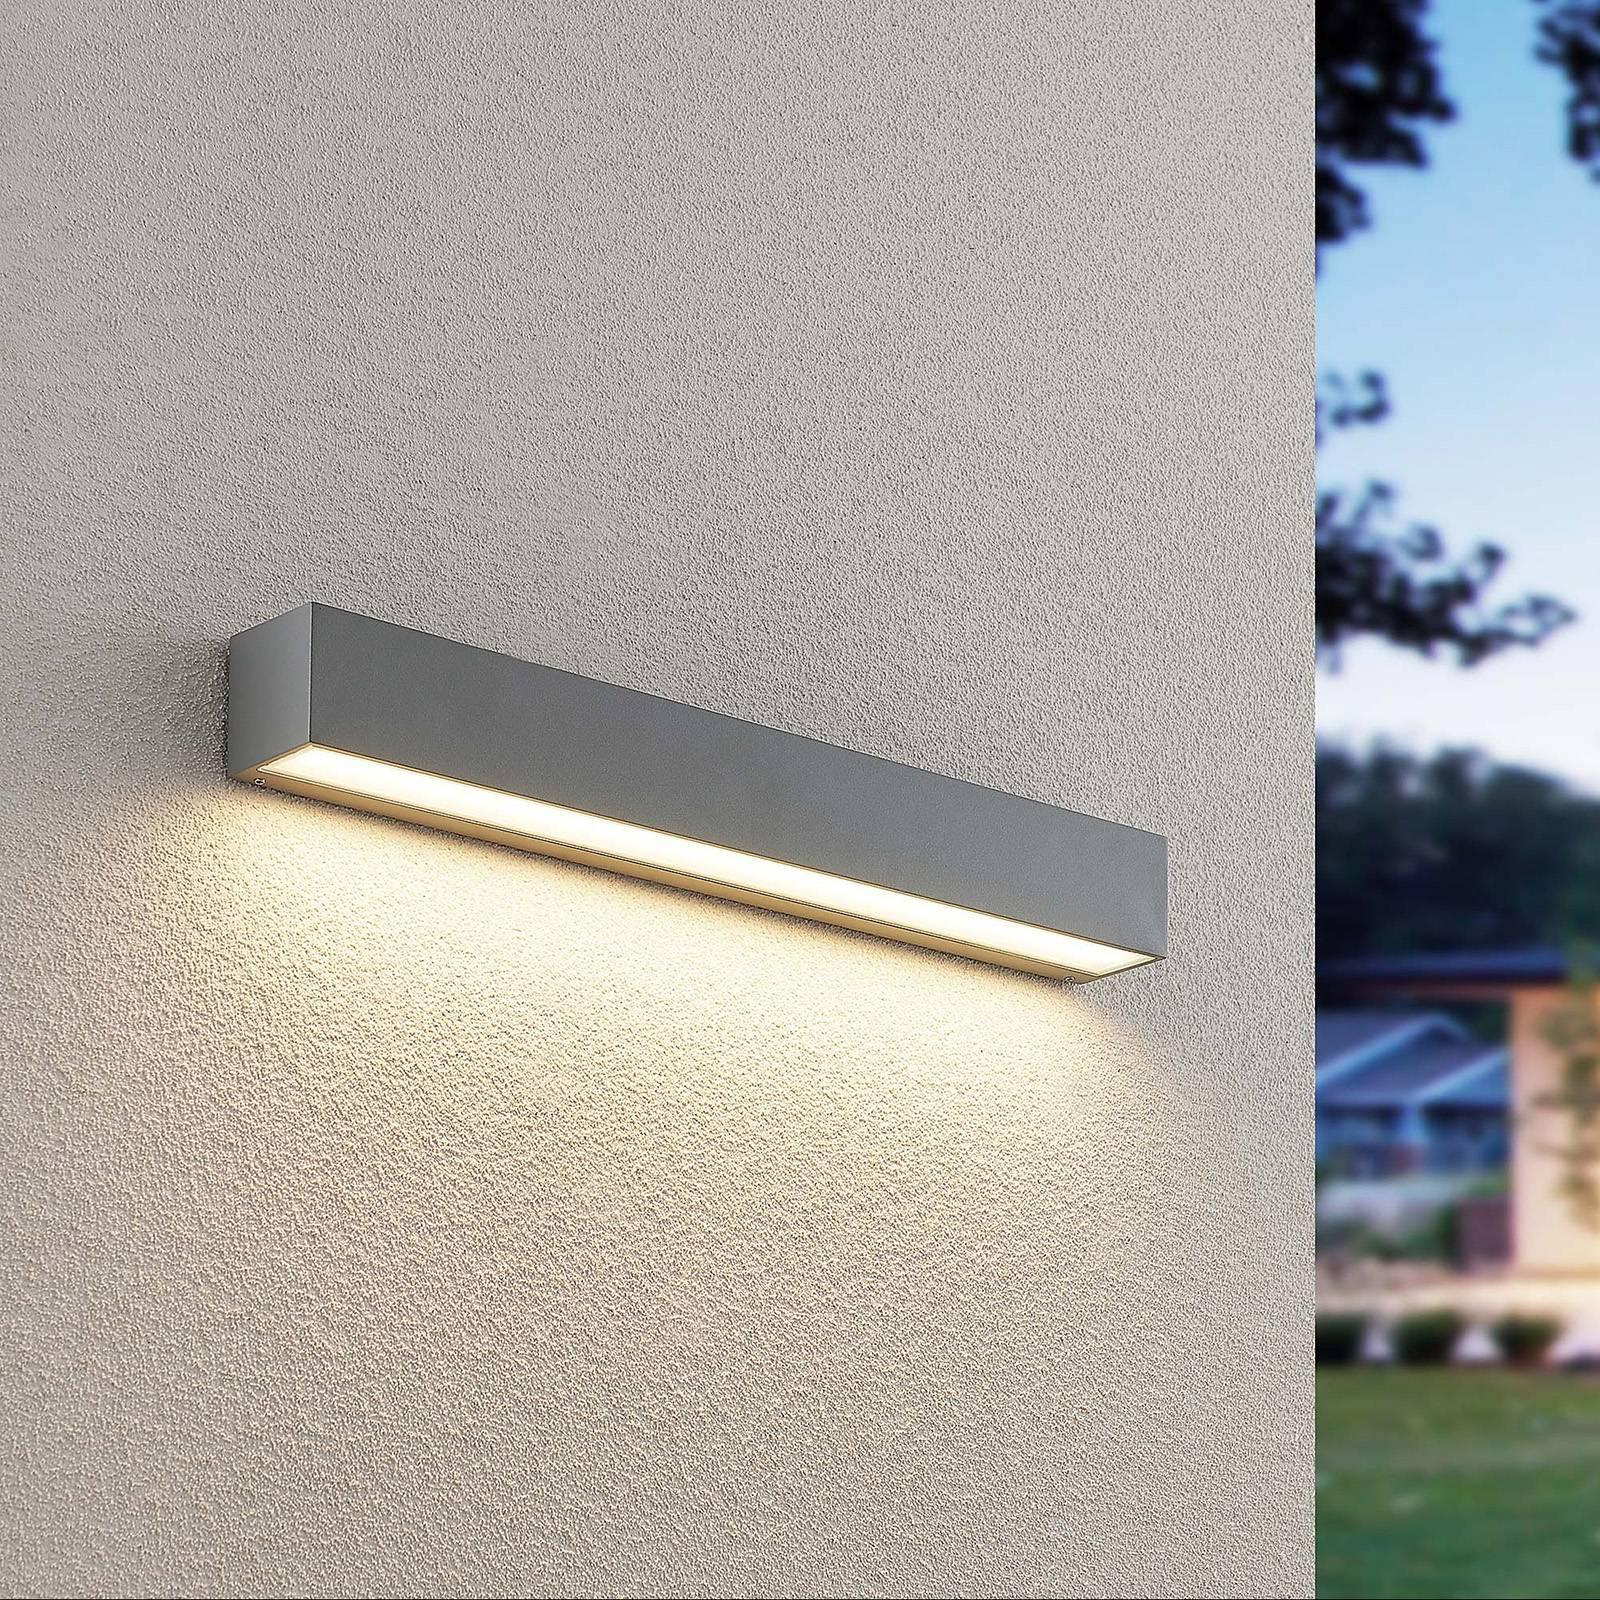 Lucande Lengo applique LED, Down argent 50cm